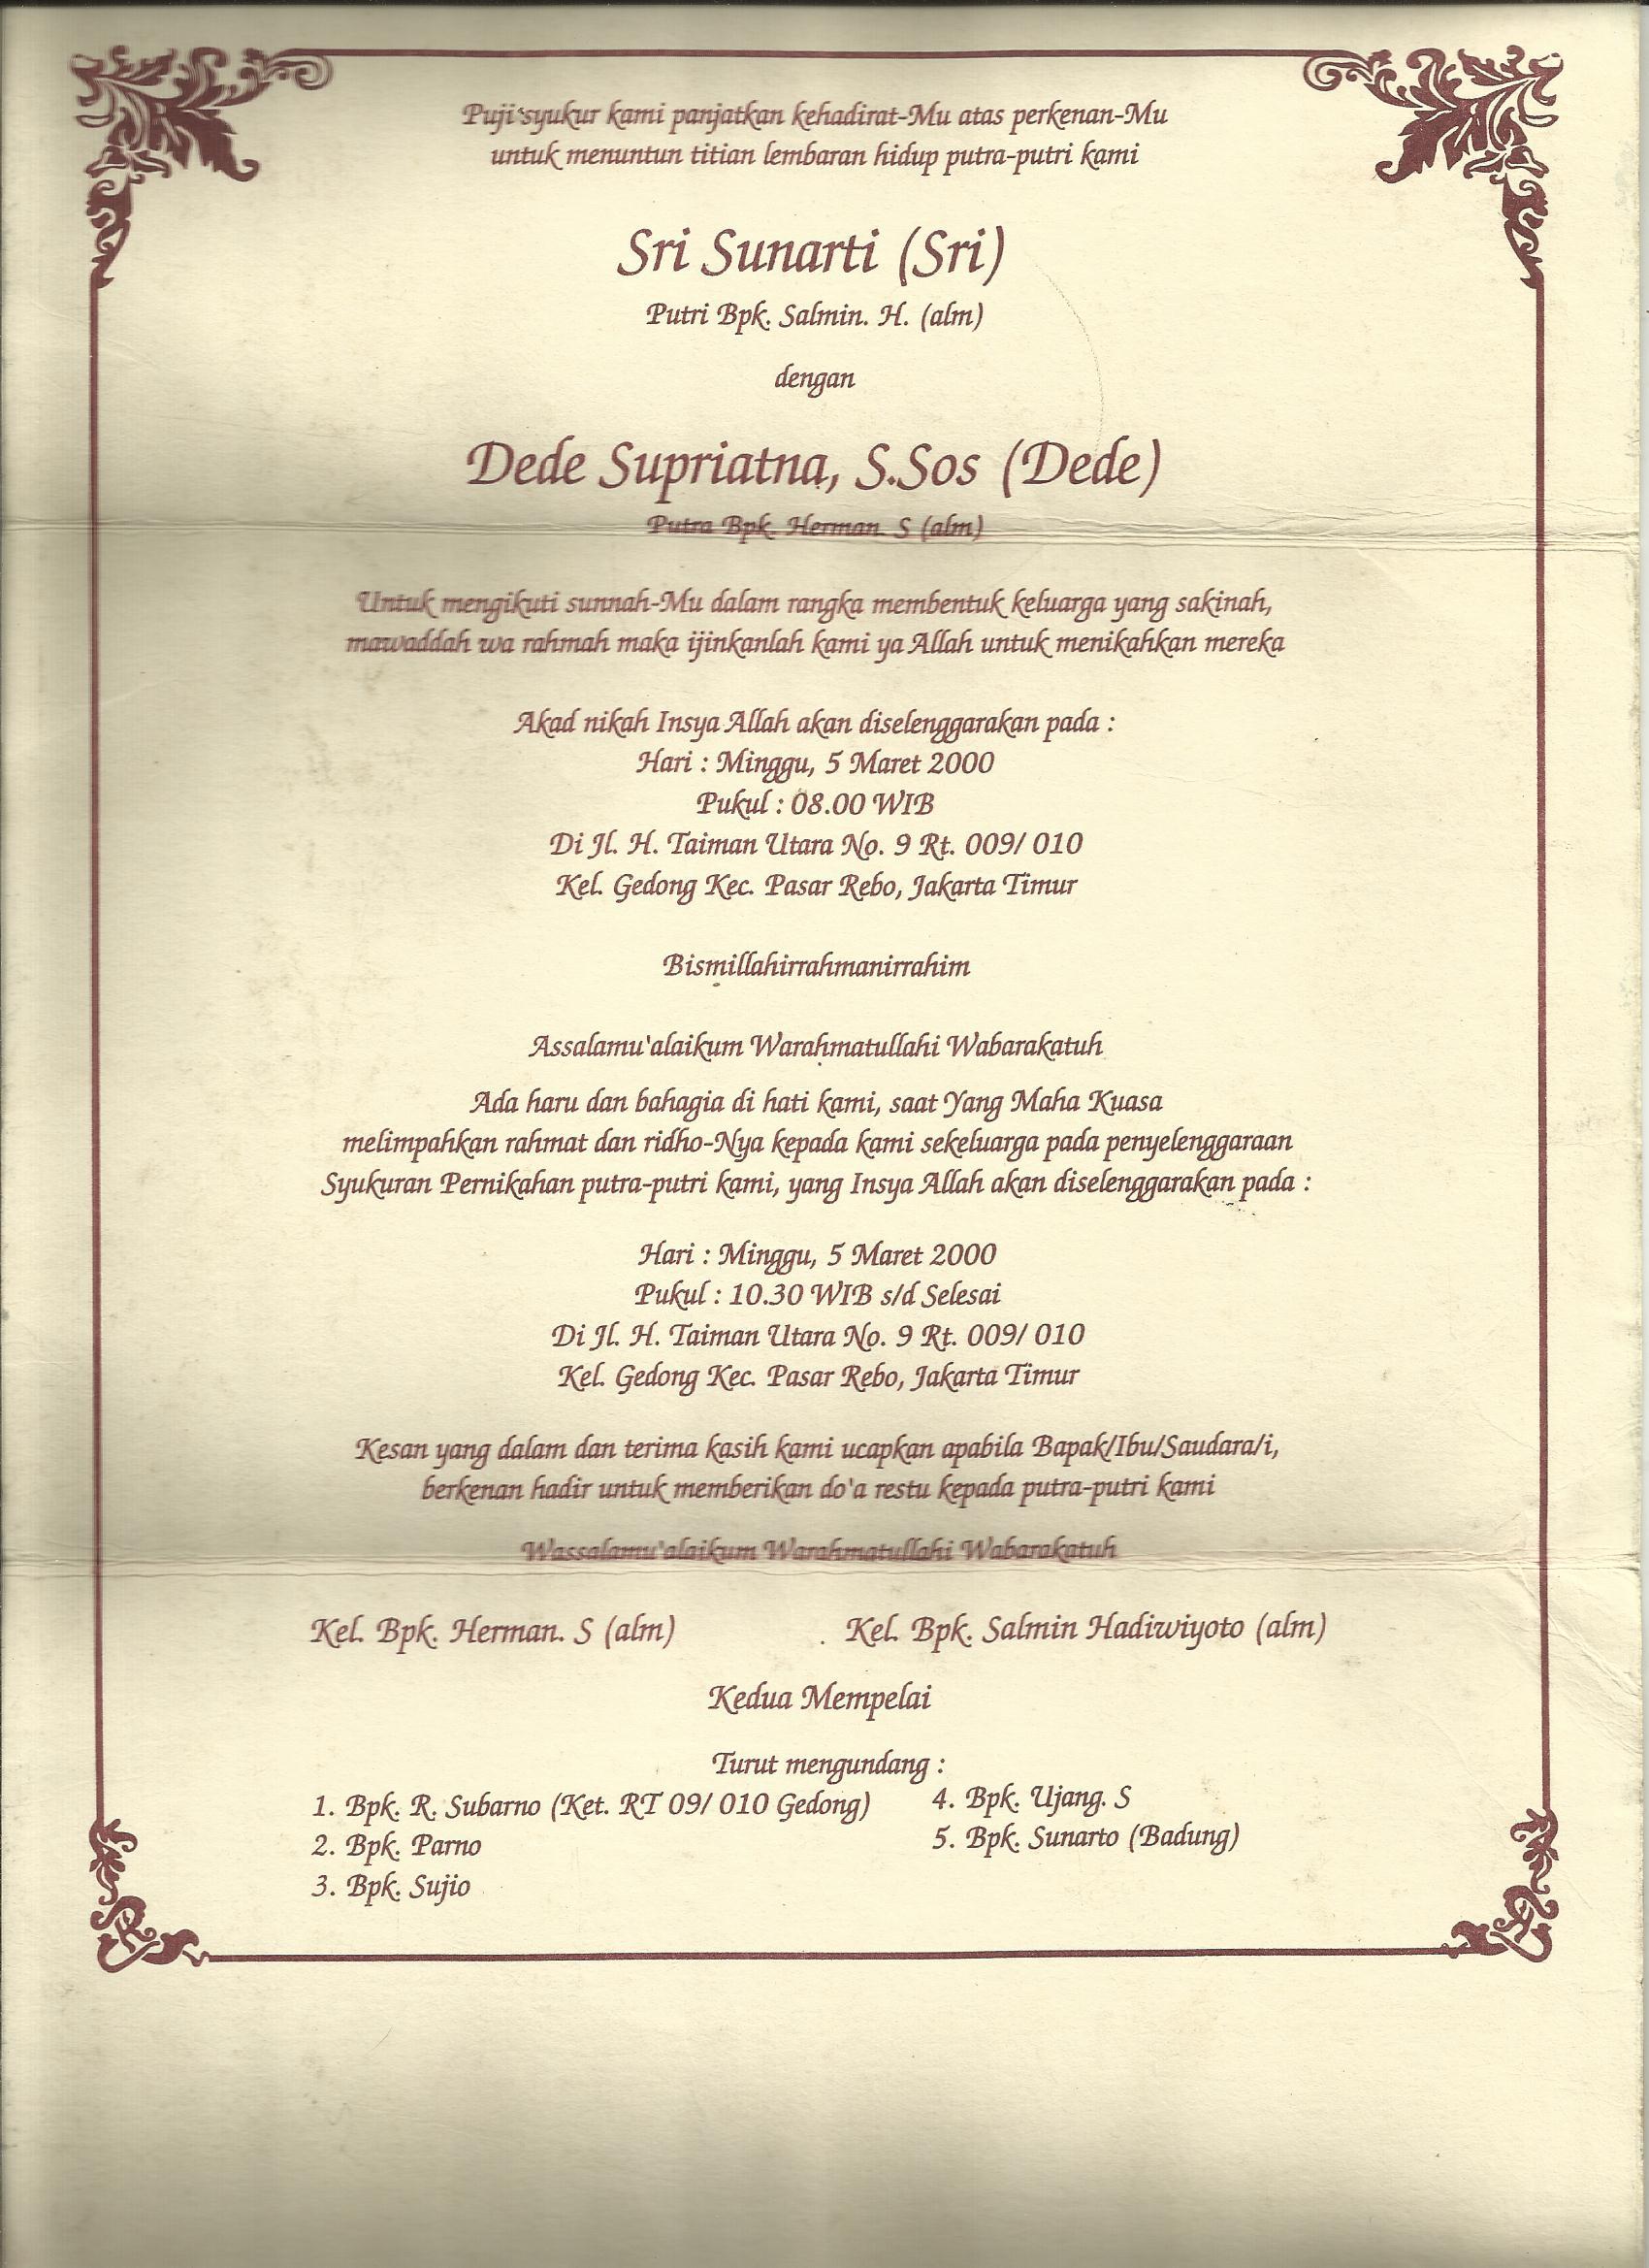 Kata Kata Dalam Undangan Pernikahan : dalam, undangan, pernikahan, Contoh, Tulisan, Surat, Undangan, Pernikahan